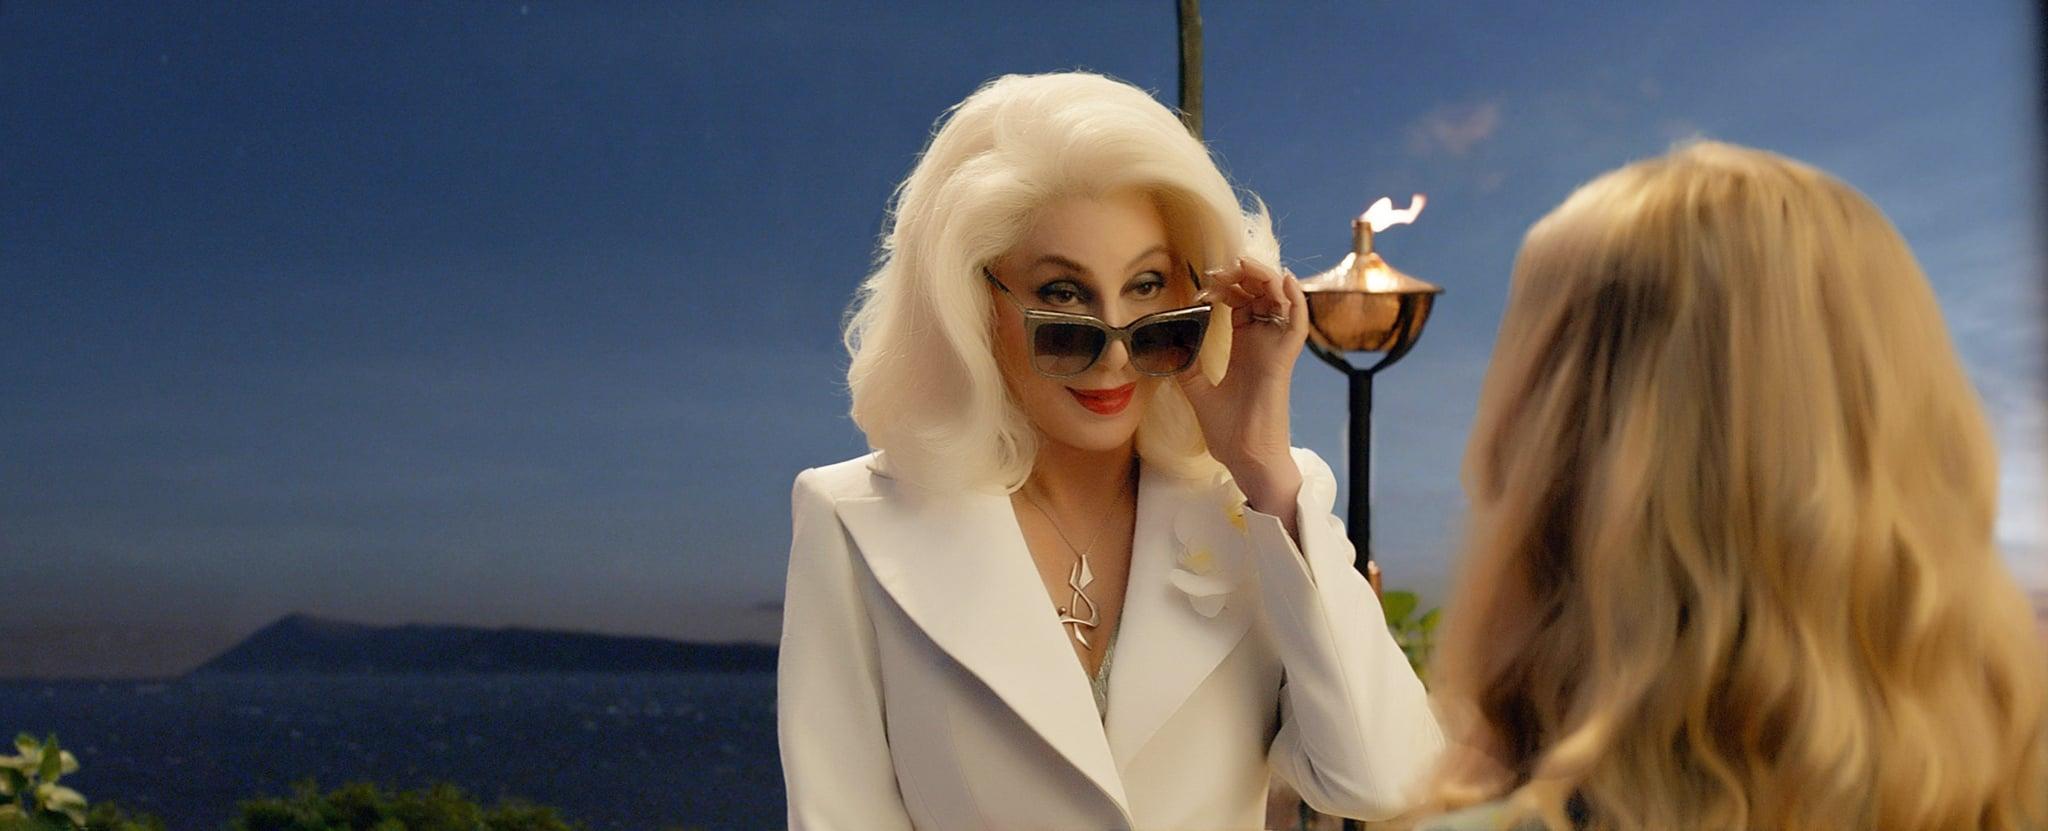 MAMMA MIA! HERE WE GO AGAIN, Cher, 2018. / Universal Studios /Courtesy Everett Collection